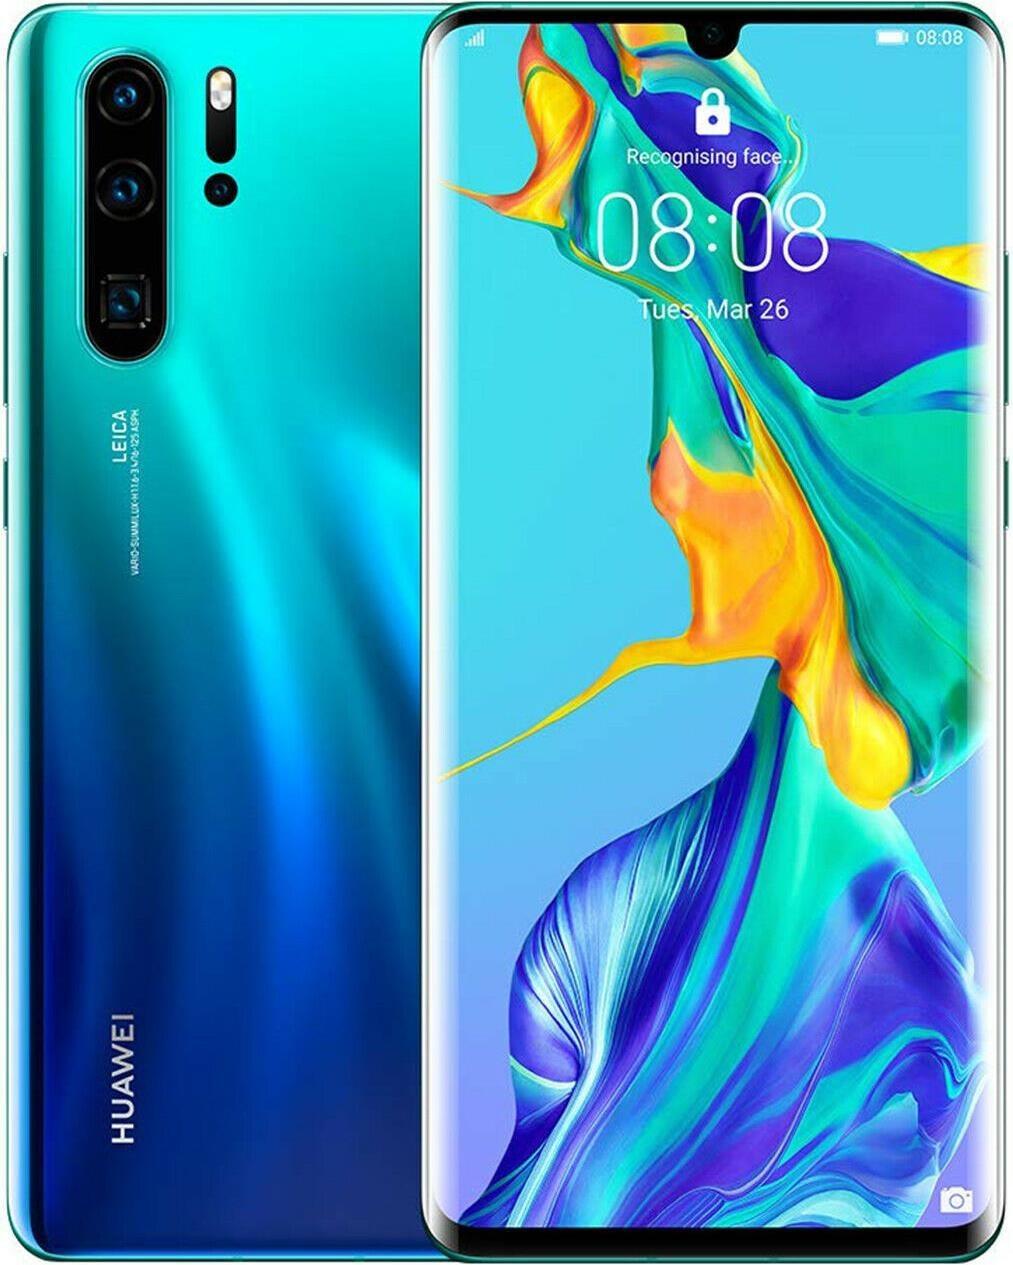 Huawei P30 Pro New Edition 256GB für 4,95€ Zuzahlung mit o2 Blue All-In M (18GB LTE) für 24,99€ / Monat